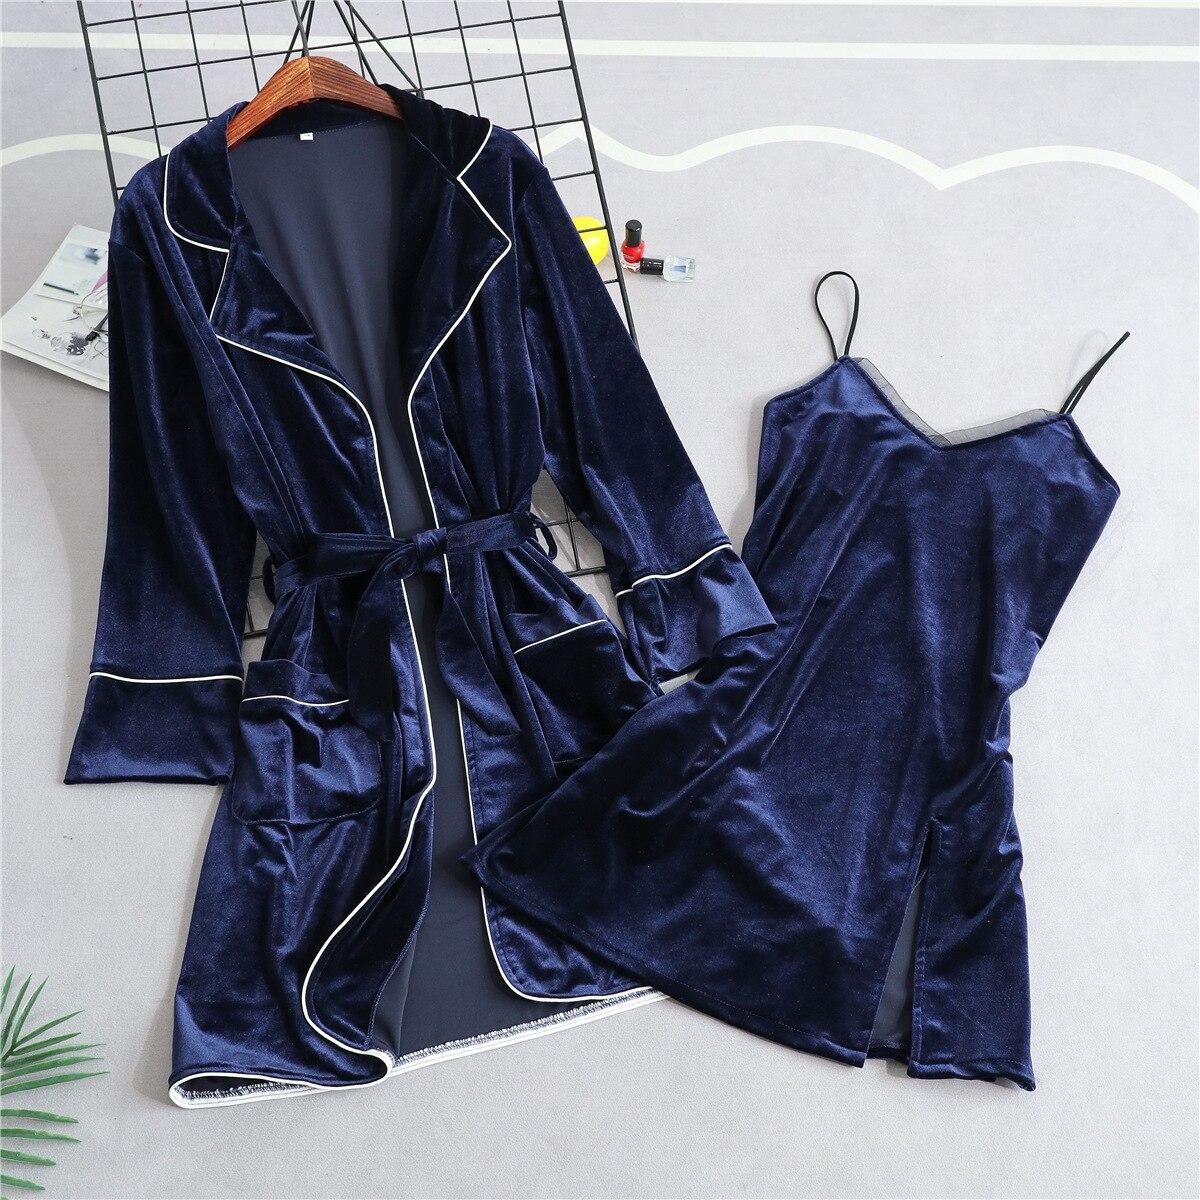 Осенне зимняя Новинка, женская одежда для сна из 2 предметов, бархатный теплый халат, Однотонная ночная рубашка и халат, костюм для сна, пижам